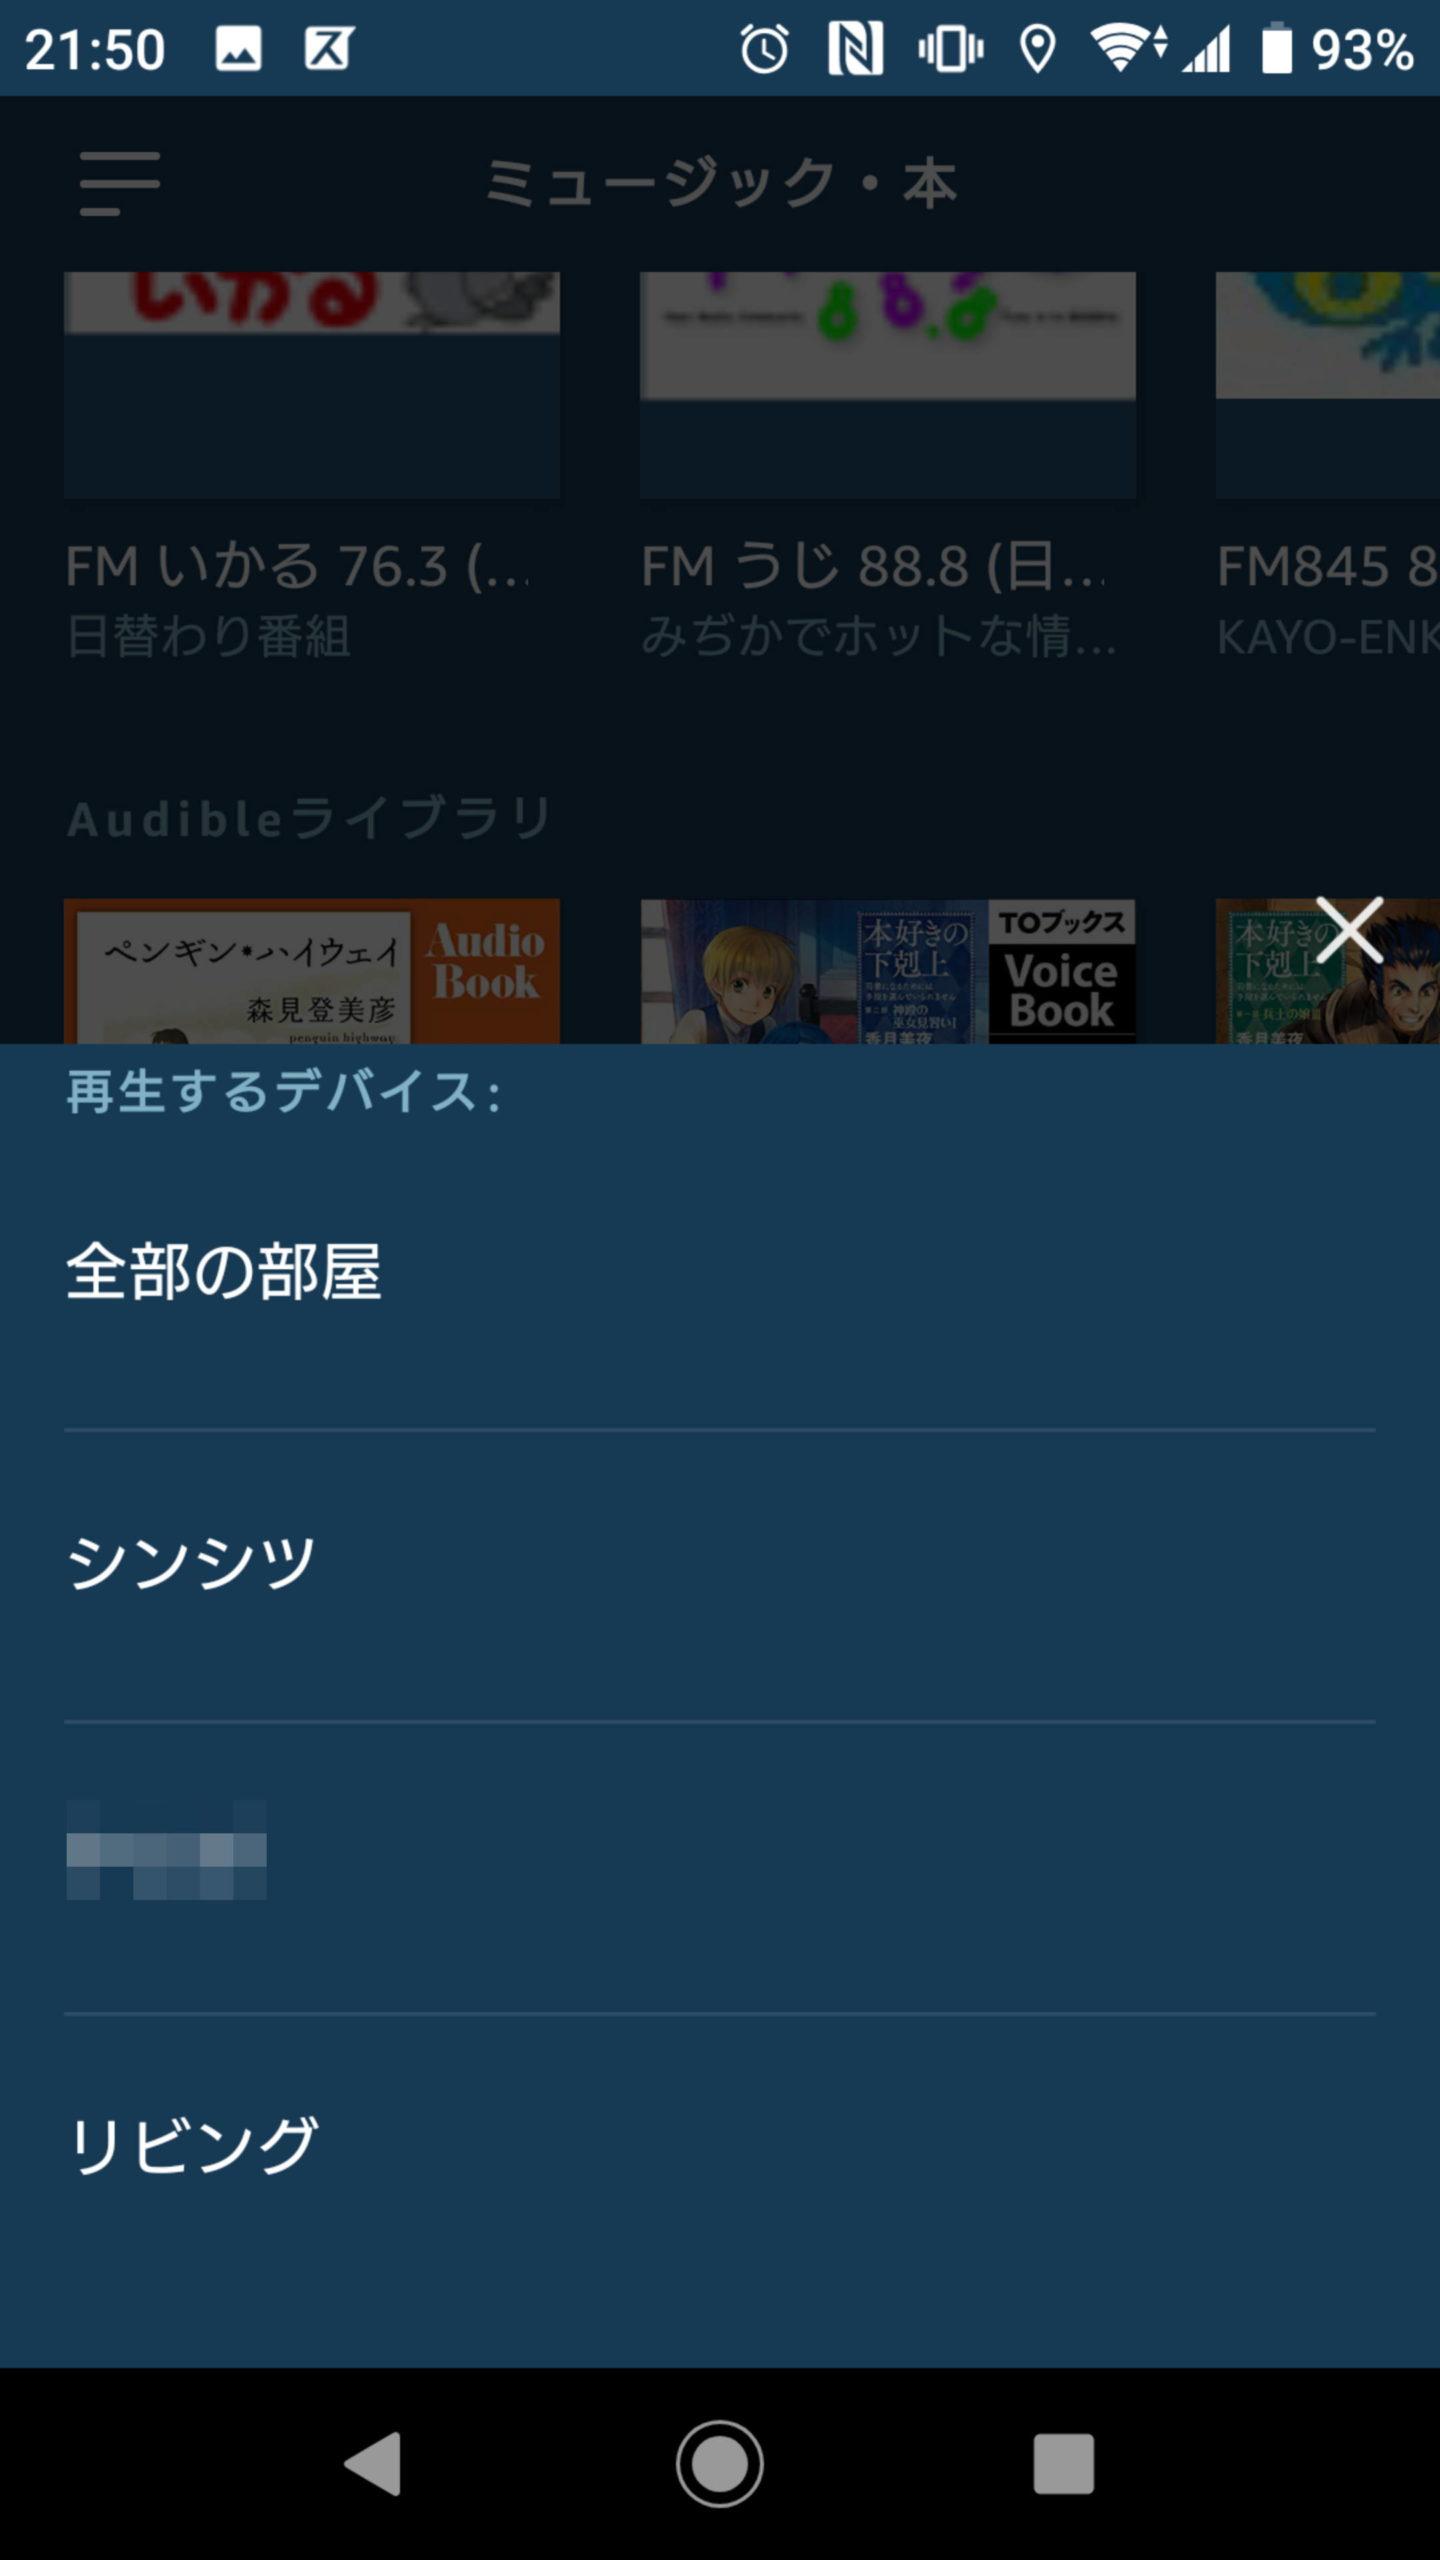 Alexaアプリの再生するデバイス選択画面